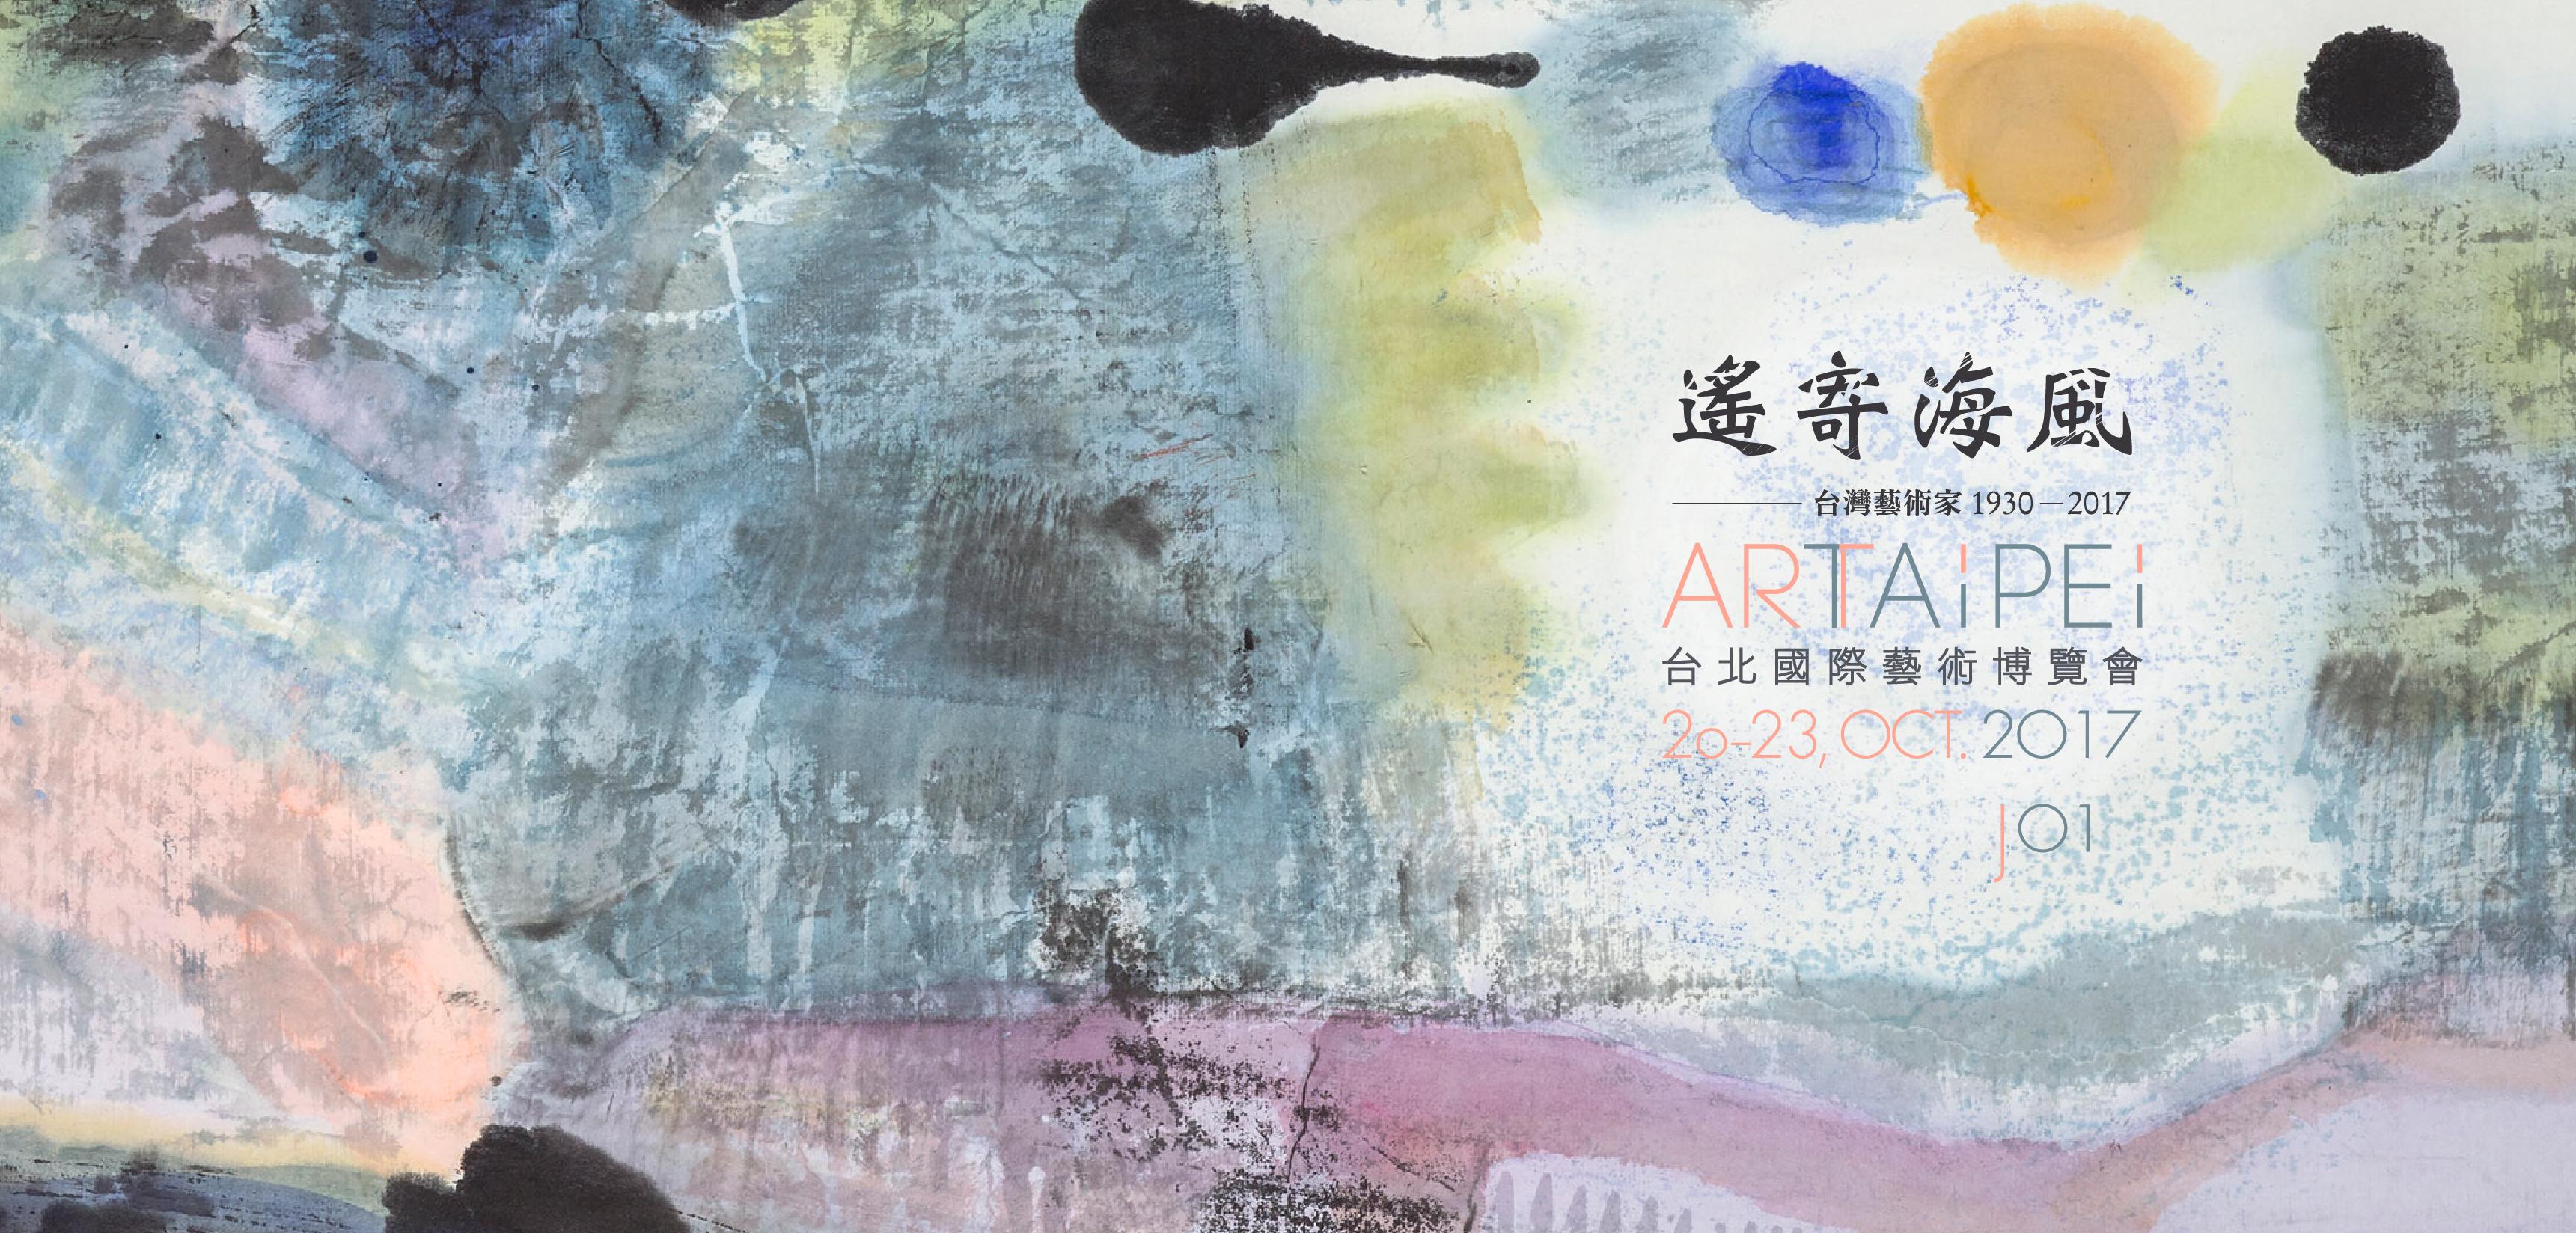 arttaipei2017_news3-01